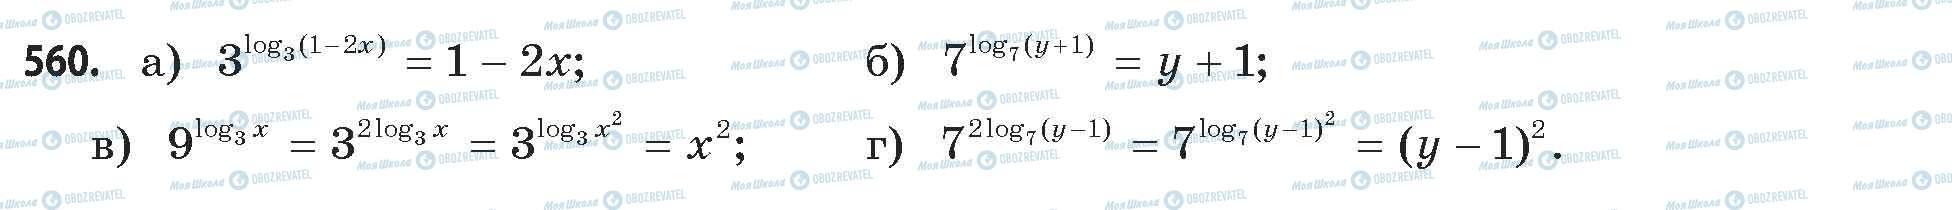 ГДЗ Математика 11 класс страница 560